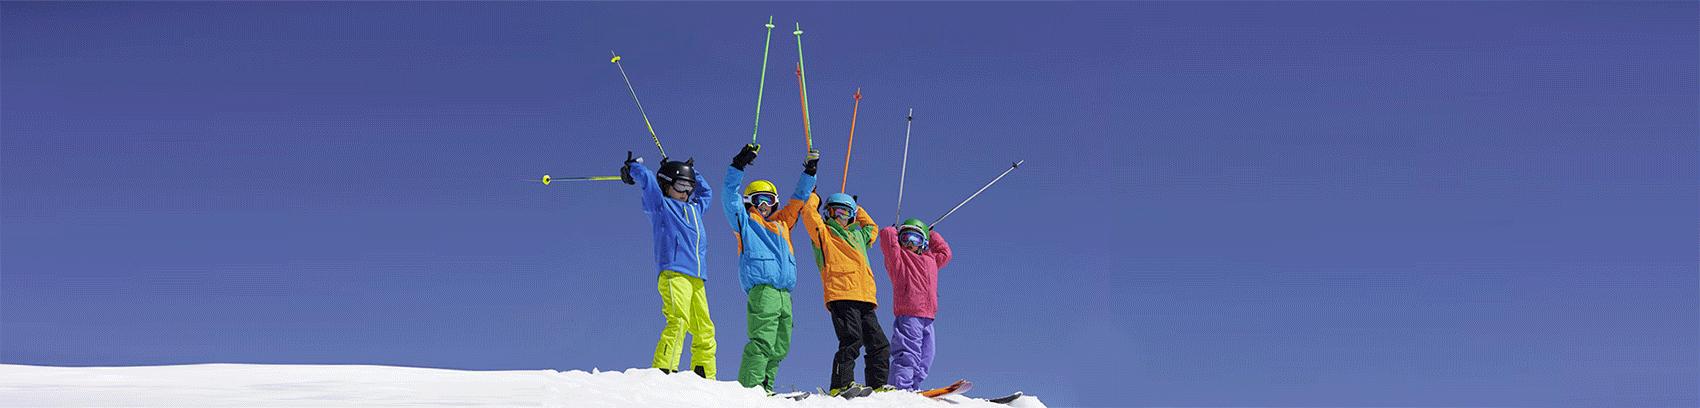 Noleggio_sci_snowboard_junior